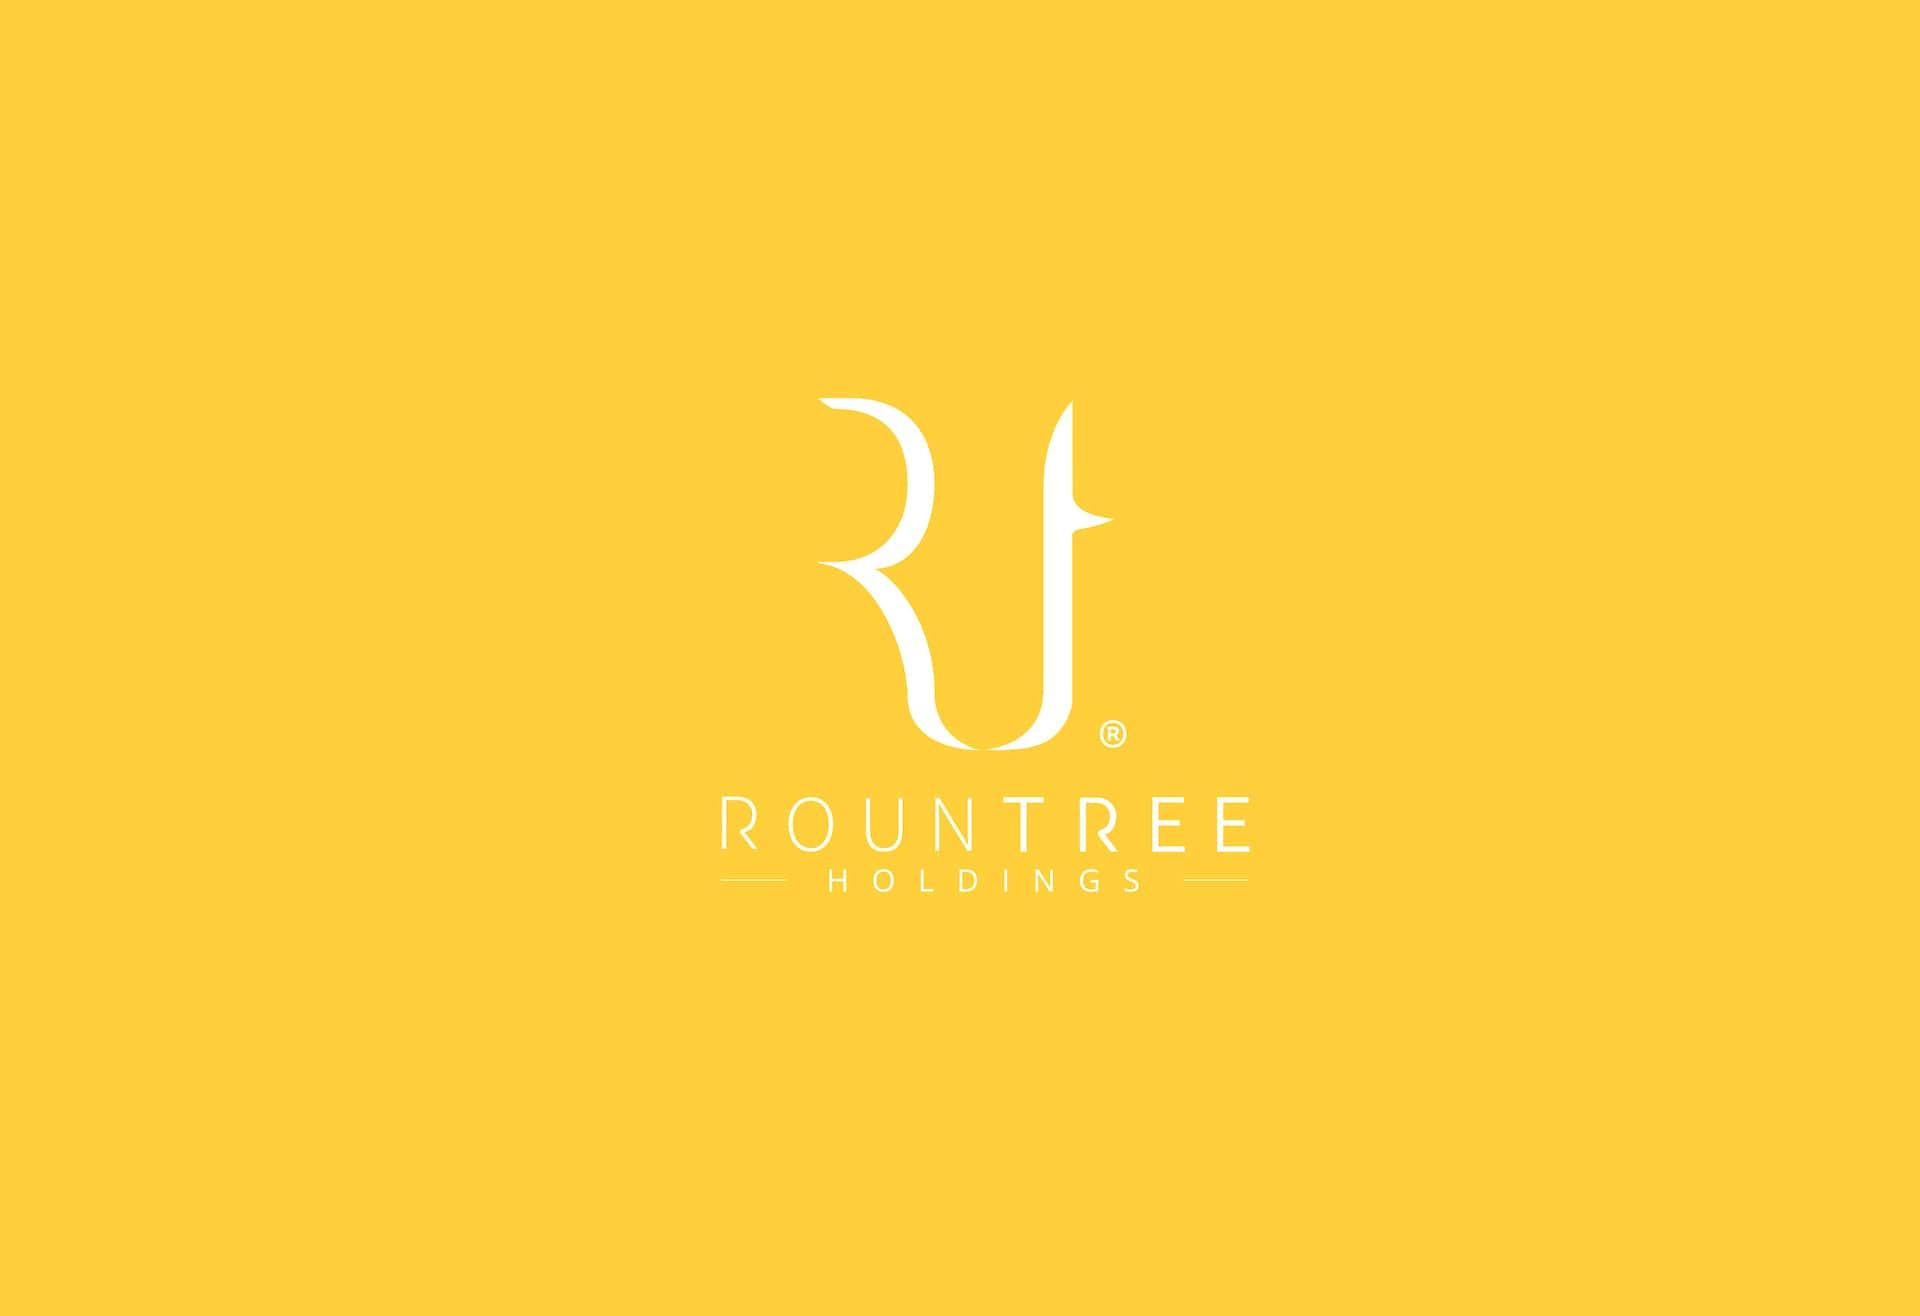 création logo Rountree webmaster graphiste bordeaux poitiers nicolas métivier